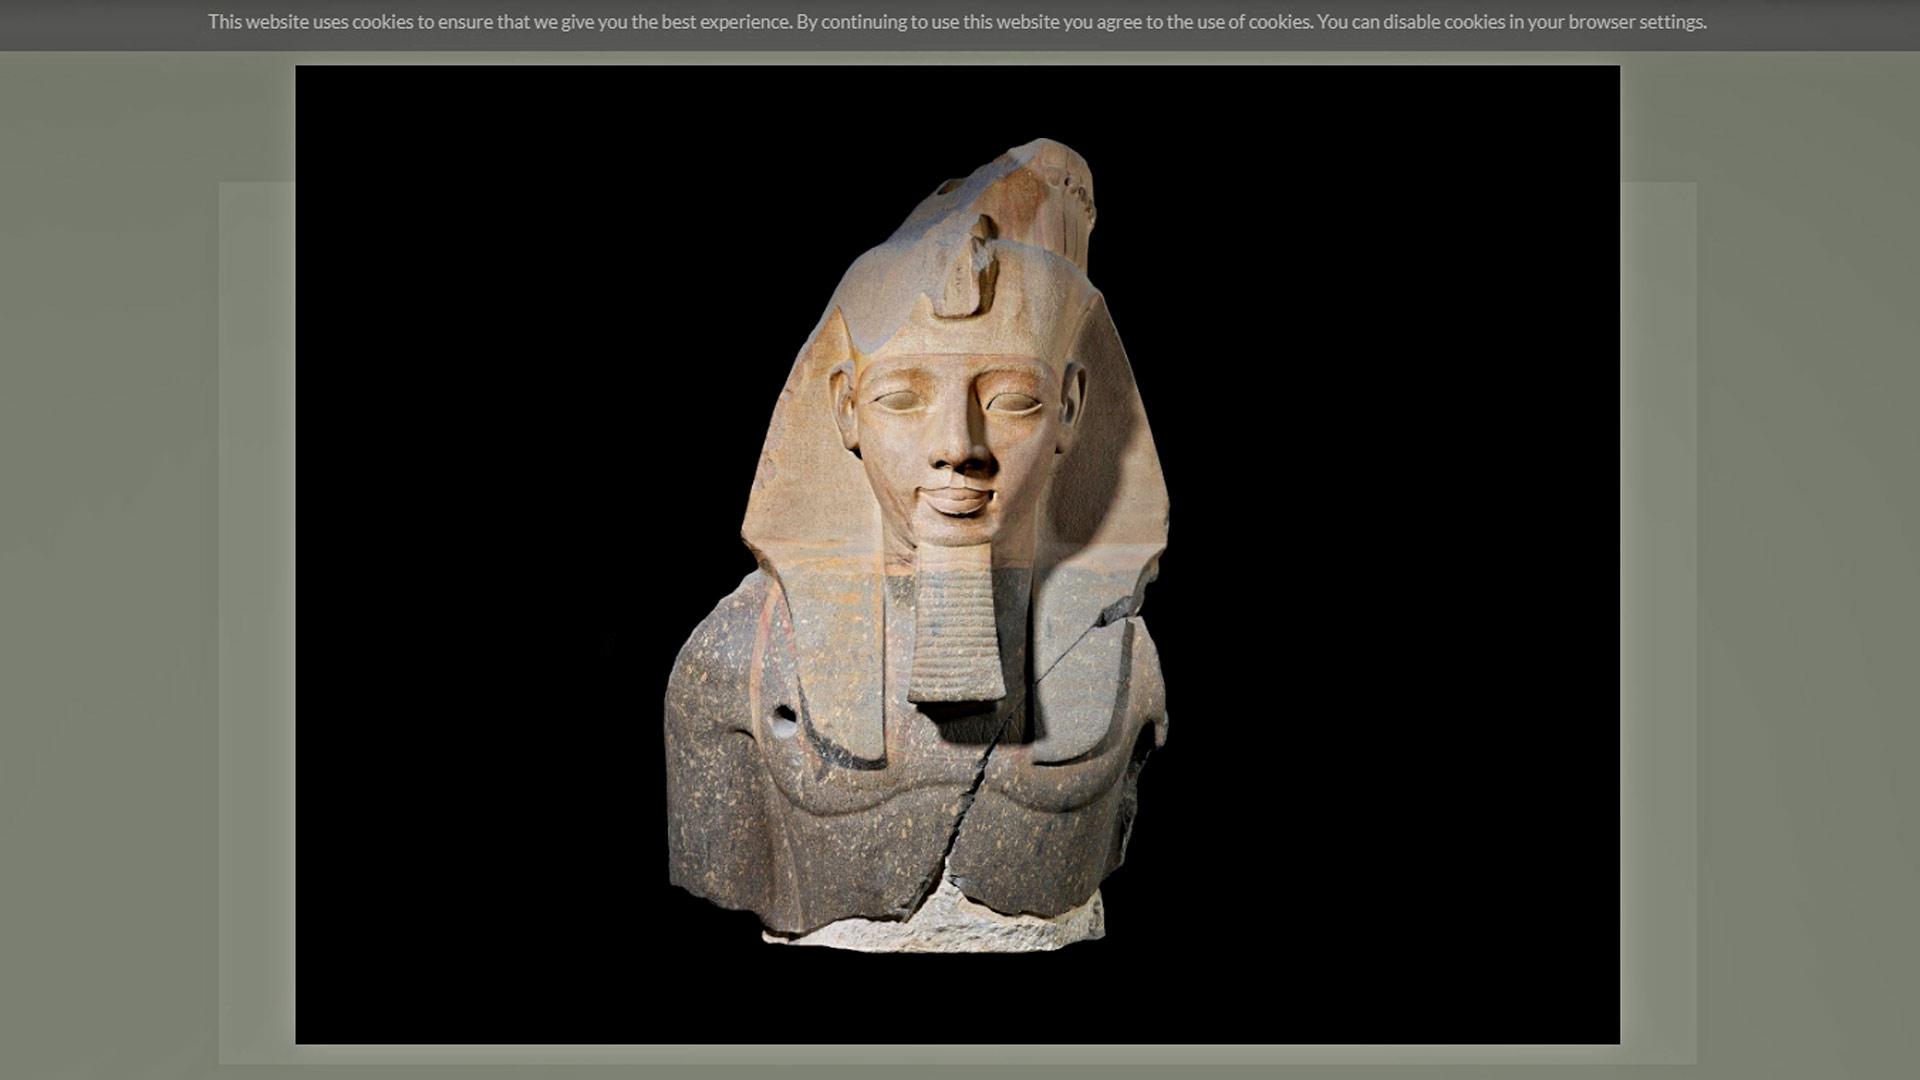 Virtuaaliset museokierrokset kannattavat. British Museumissa voi törmätä esimerkiksi Younger Memnon -patsaaseen, joka on Ramses II:n kolossaalipatsas.